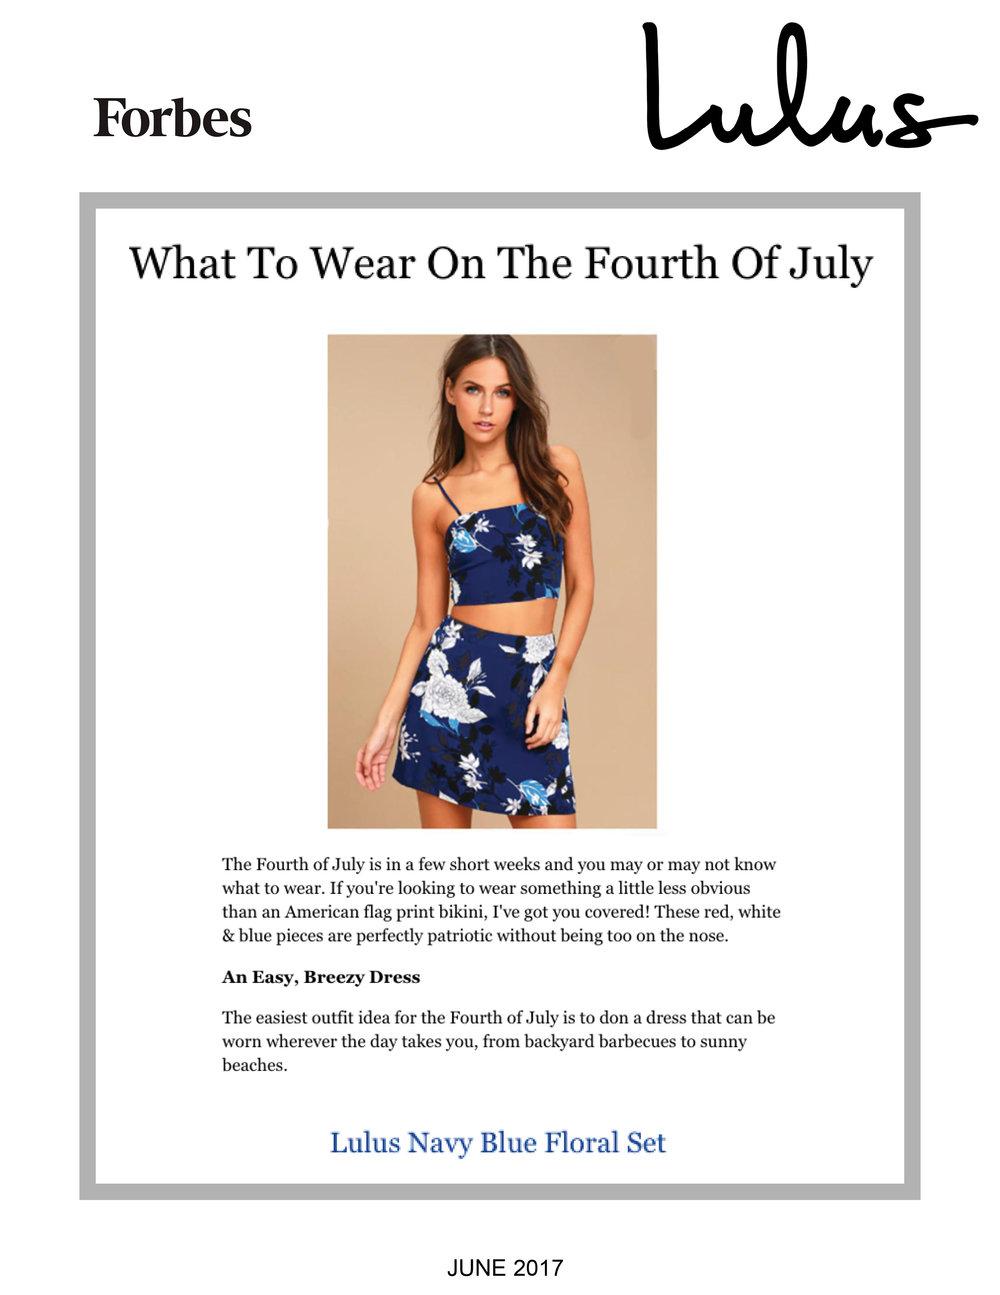 Lulus_Forbes_June2017.jpg